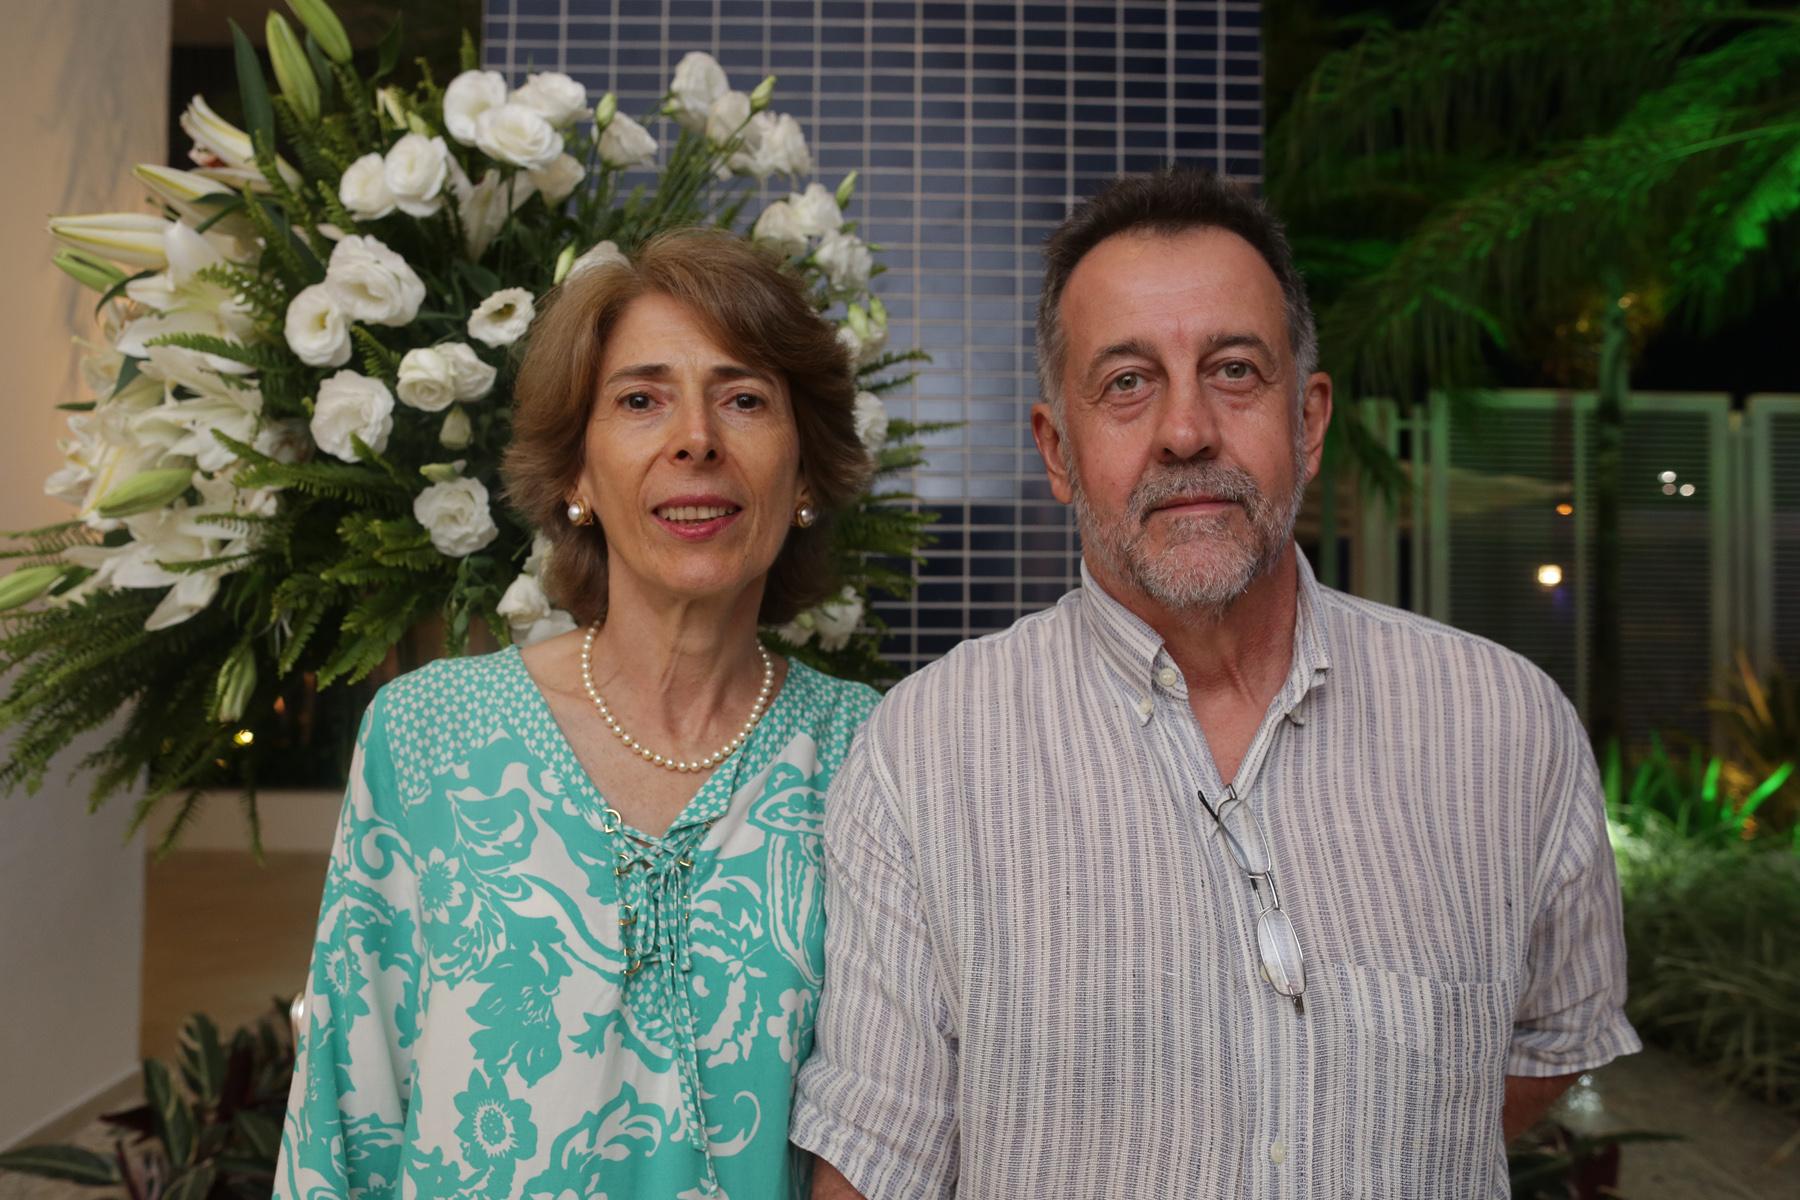 Sandra Celanti Dotta e esposo Antonio Benedito Dotta.